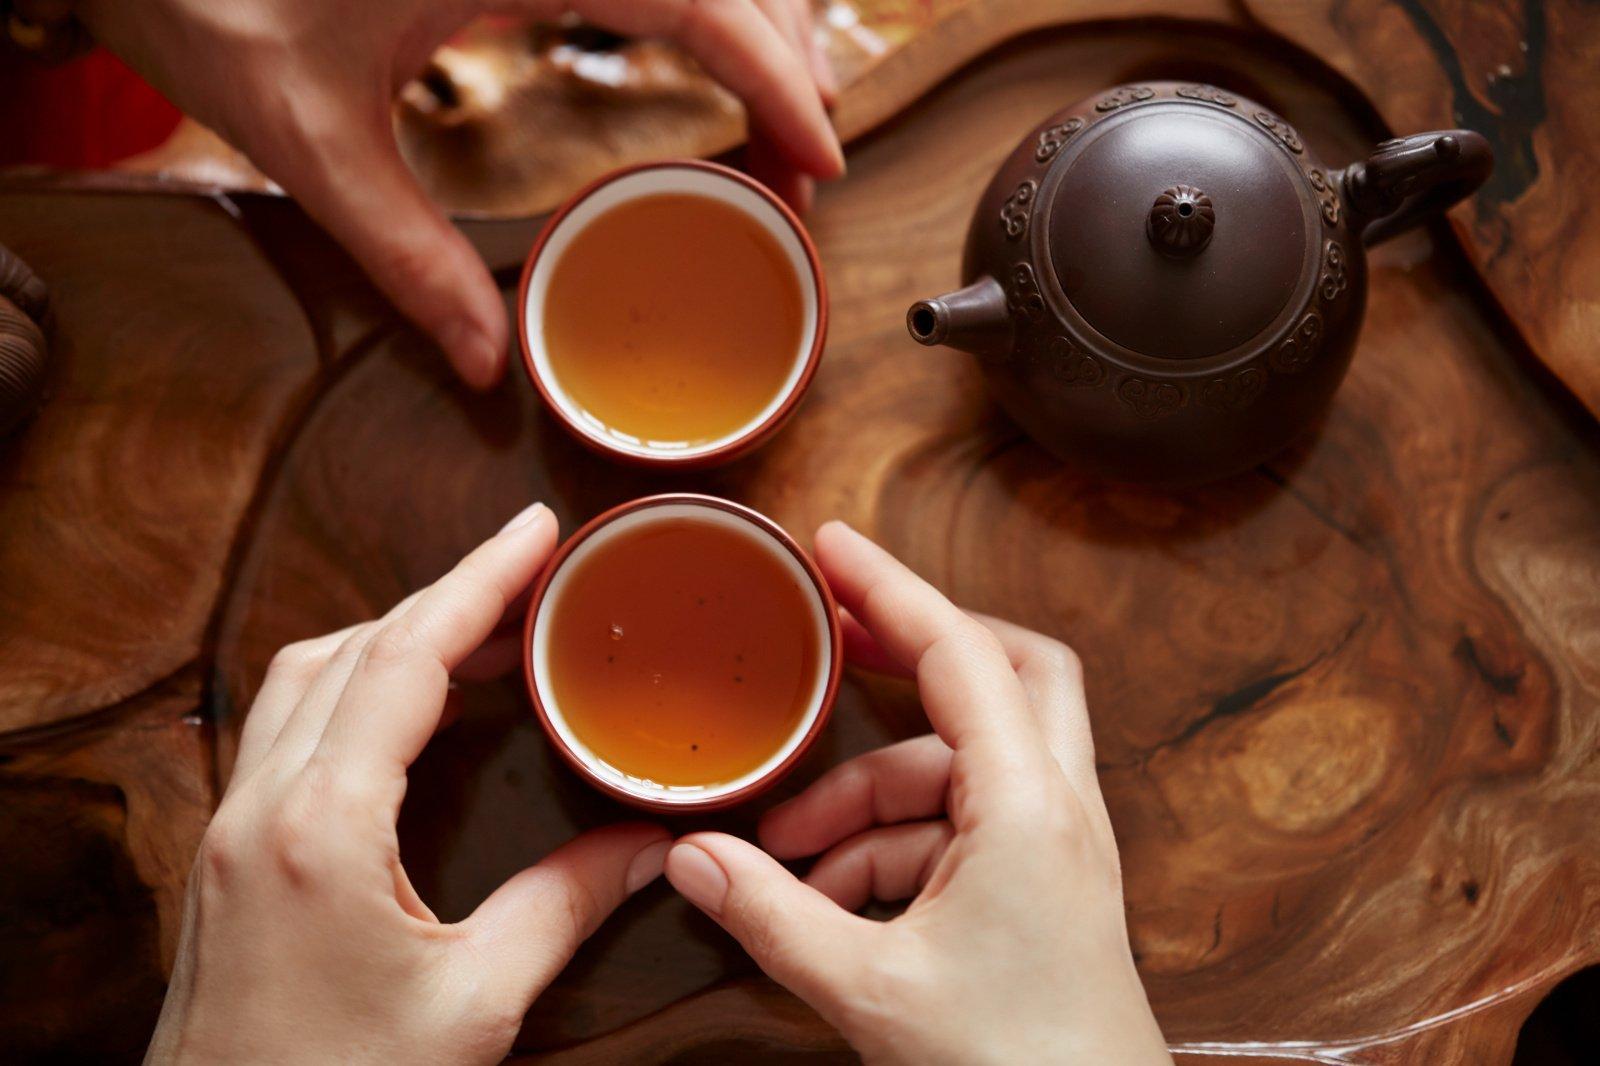 Три кита хорошего чая в вашей чашке